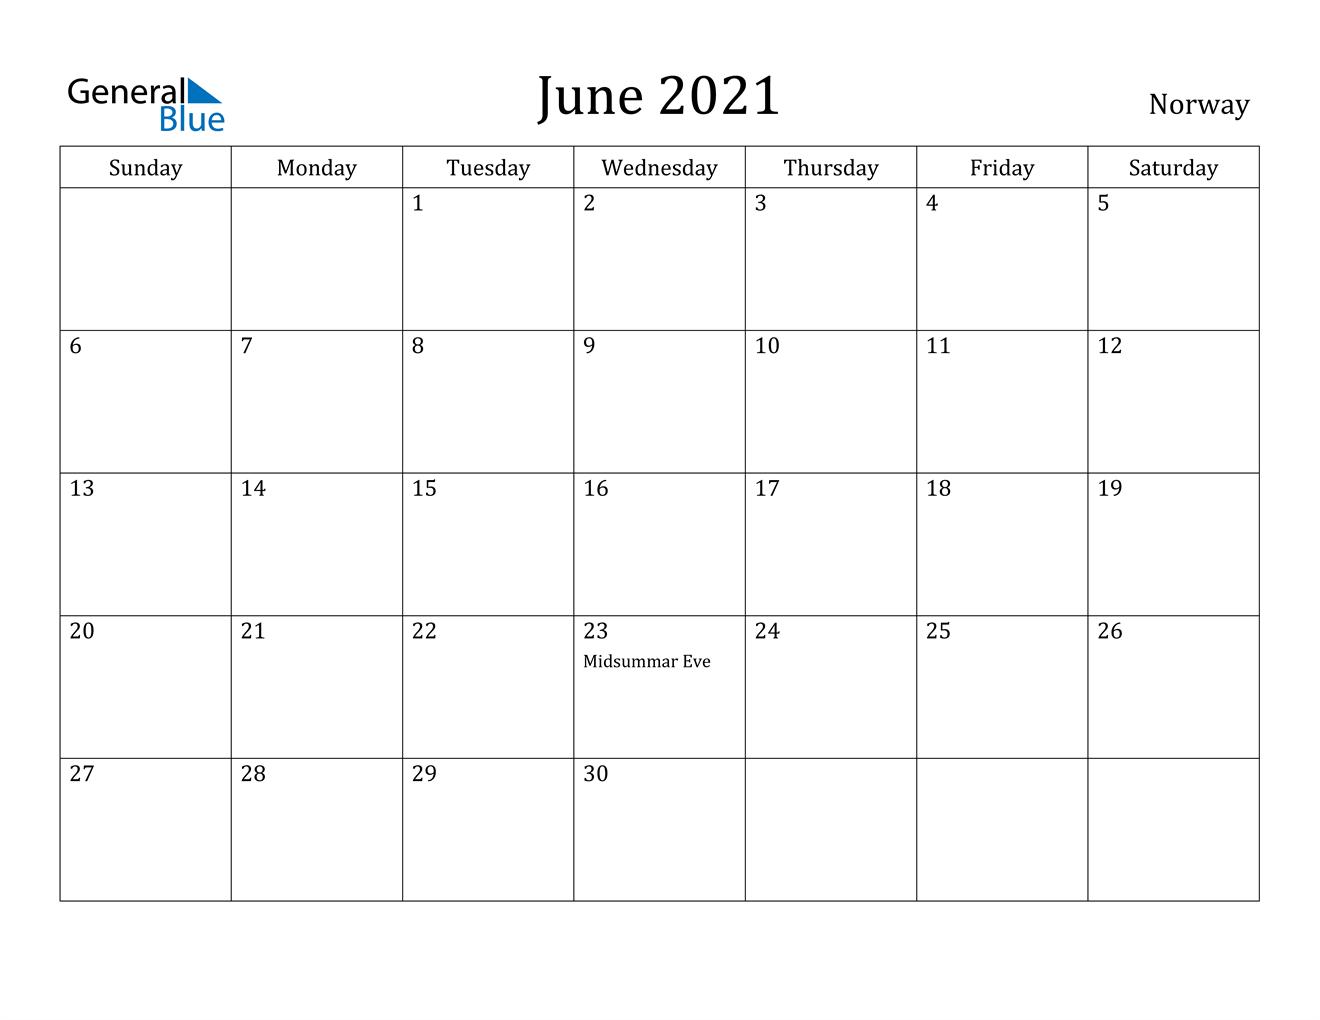 June 2021 Calendar - Norway